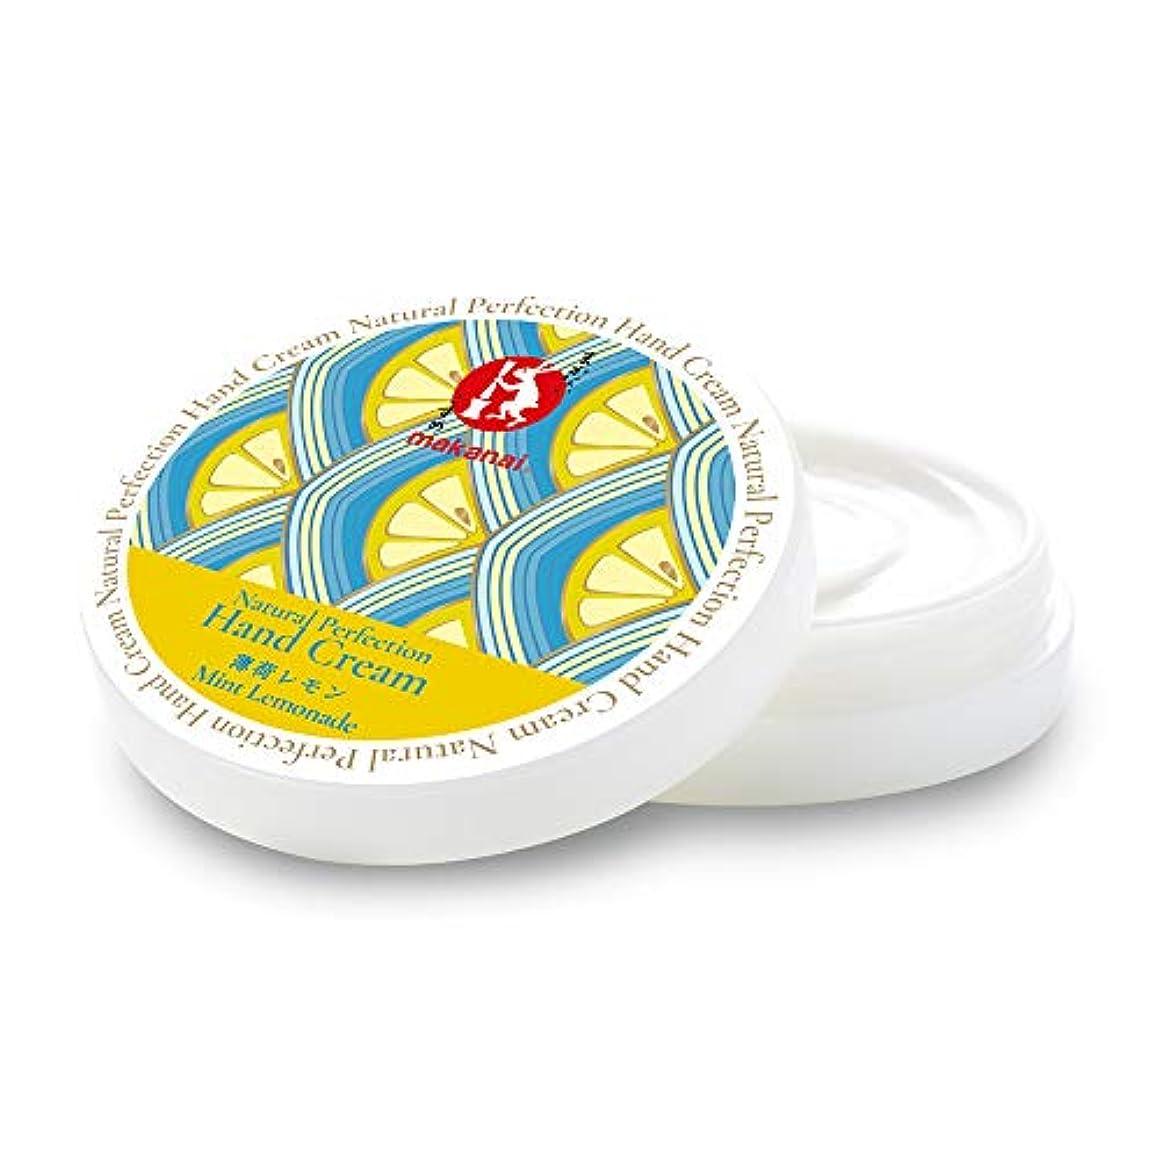 低下瞑想的取り壊すまかないこすめ 絶妙レシピのハンドクリーム(薄荷レモン) 30g